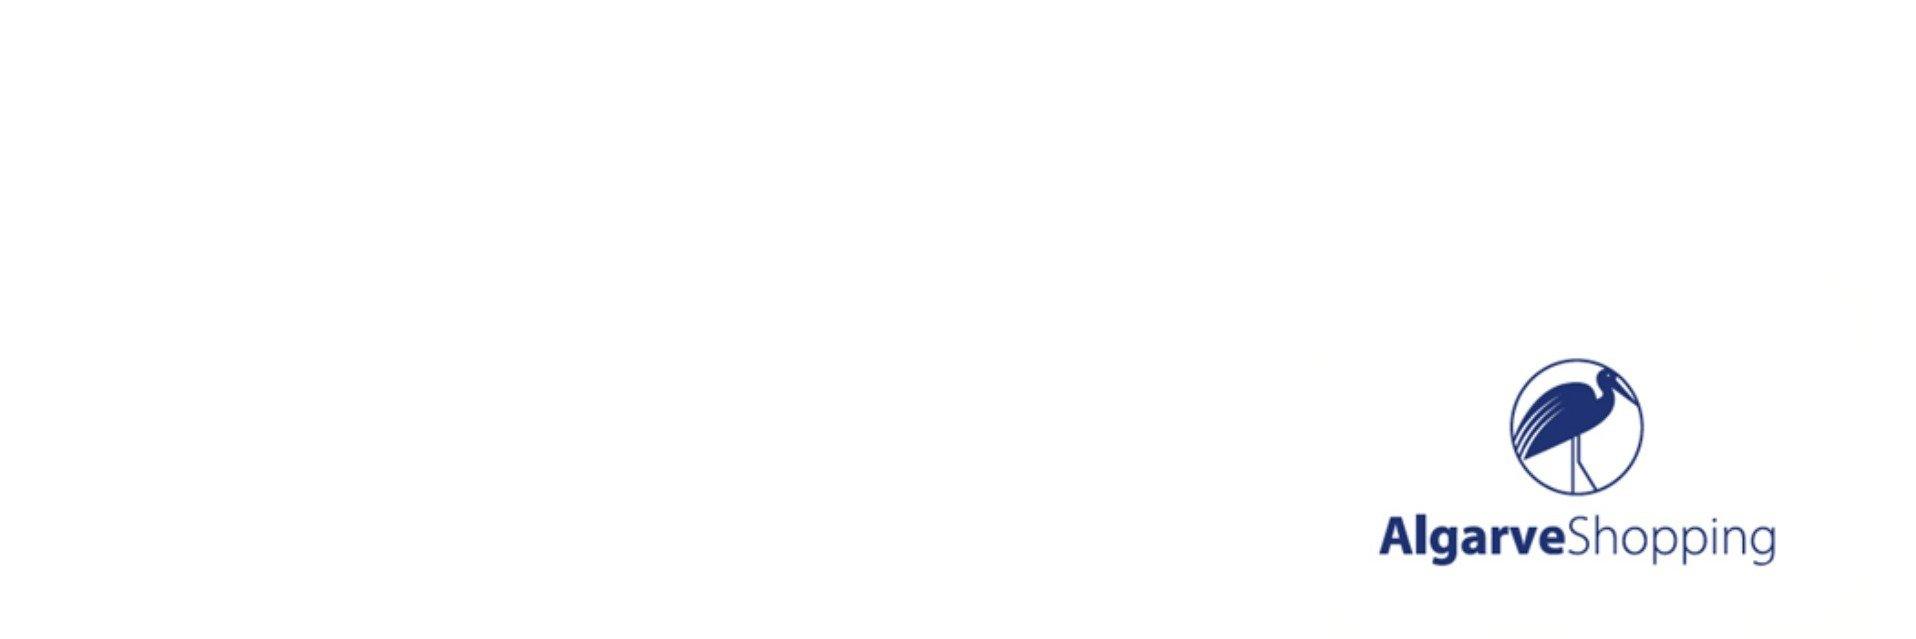 AlgarveShopping renova selo de higiene e segurança com certificação SGS